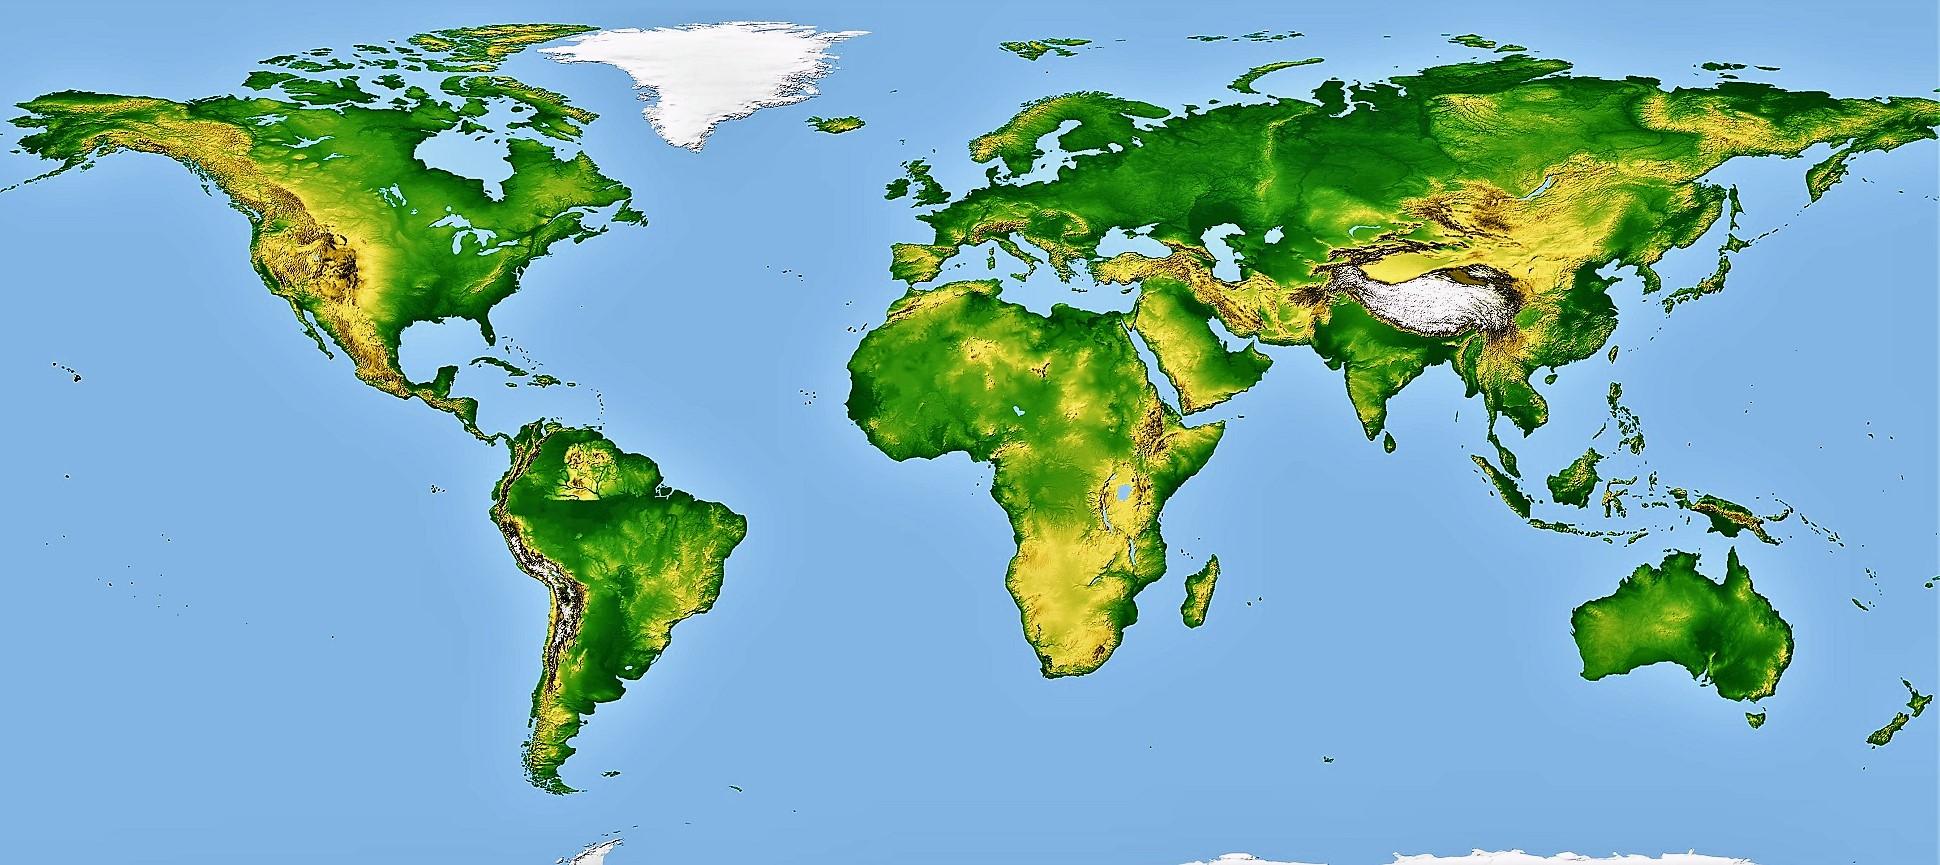 planisferio fisico mundial mudo